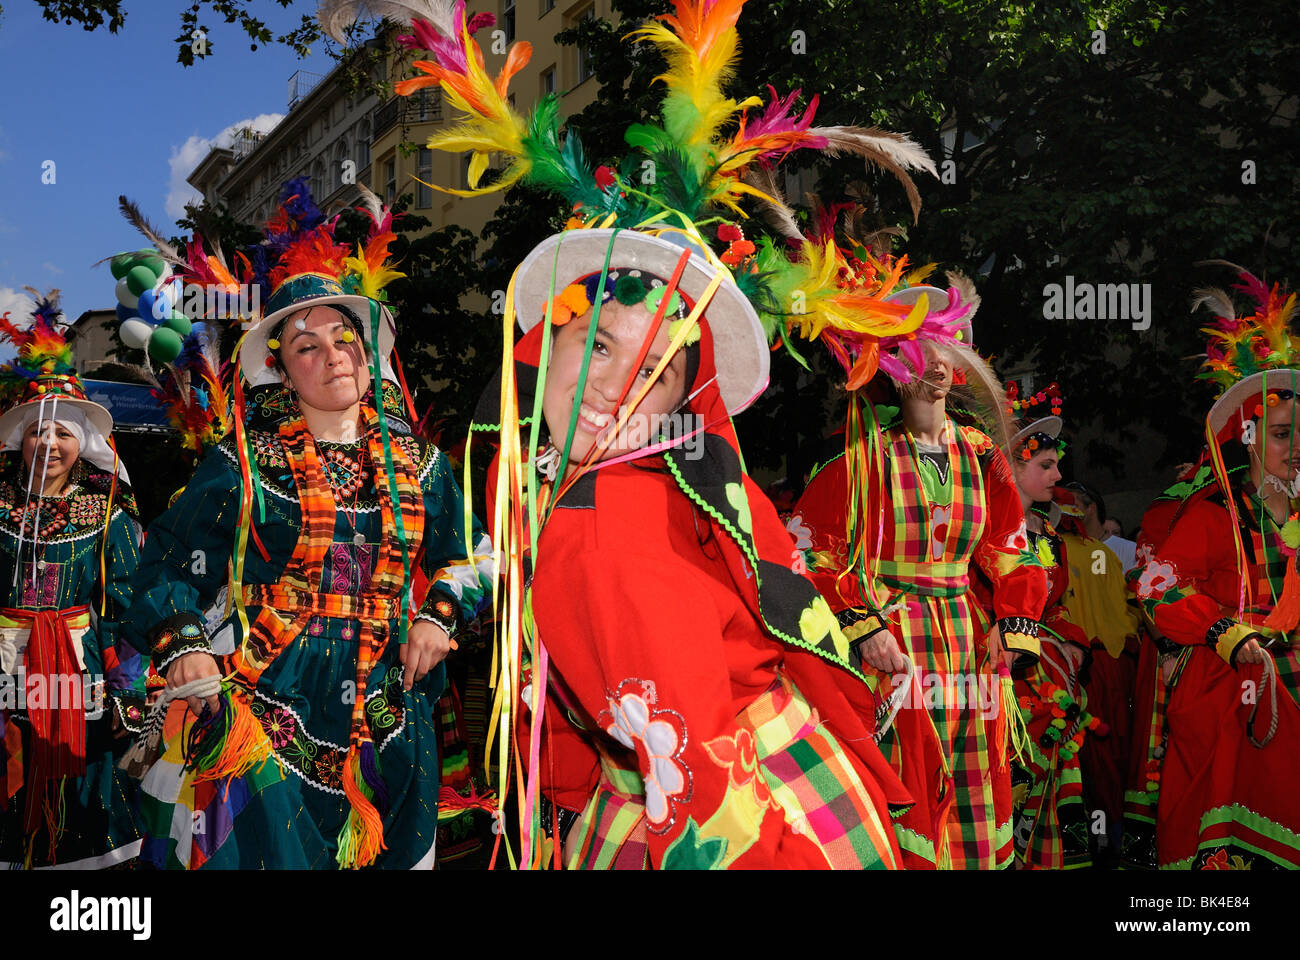 Karneval der Kulturen, il Carnevale delle culture di Berlino, quartiere di Kreuzberg, Germania, Europa. Immagini Stock